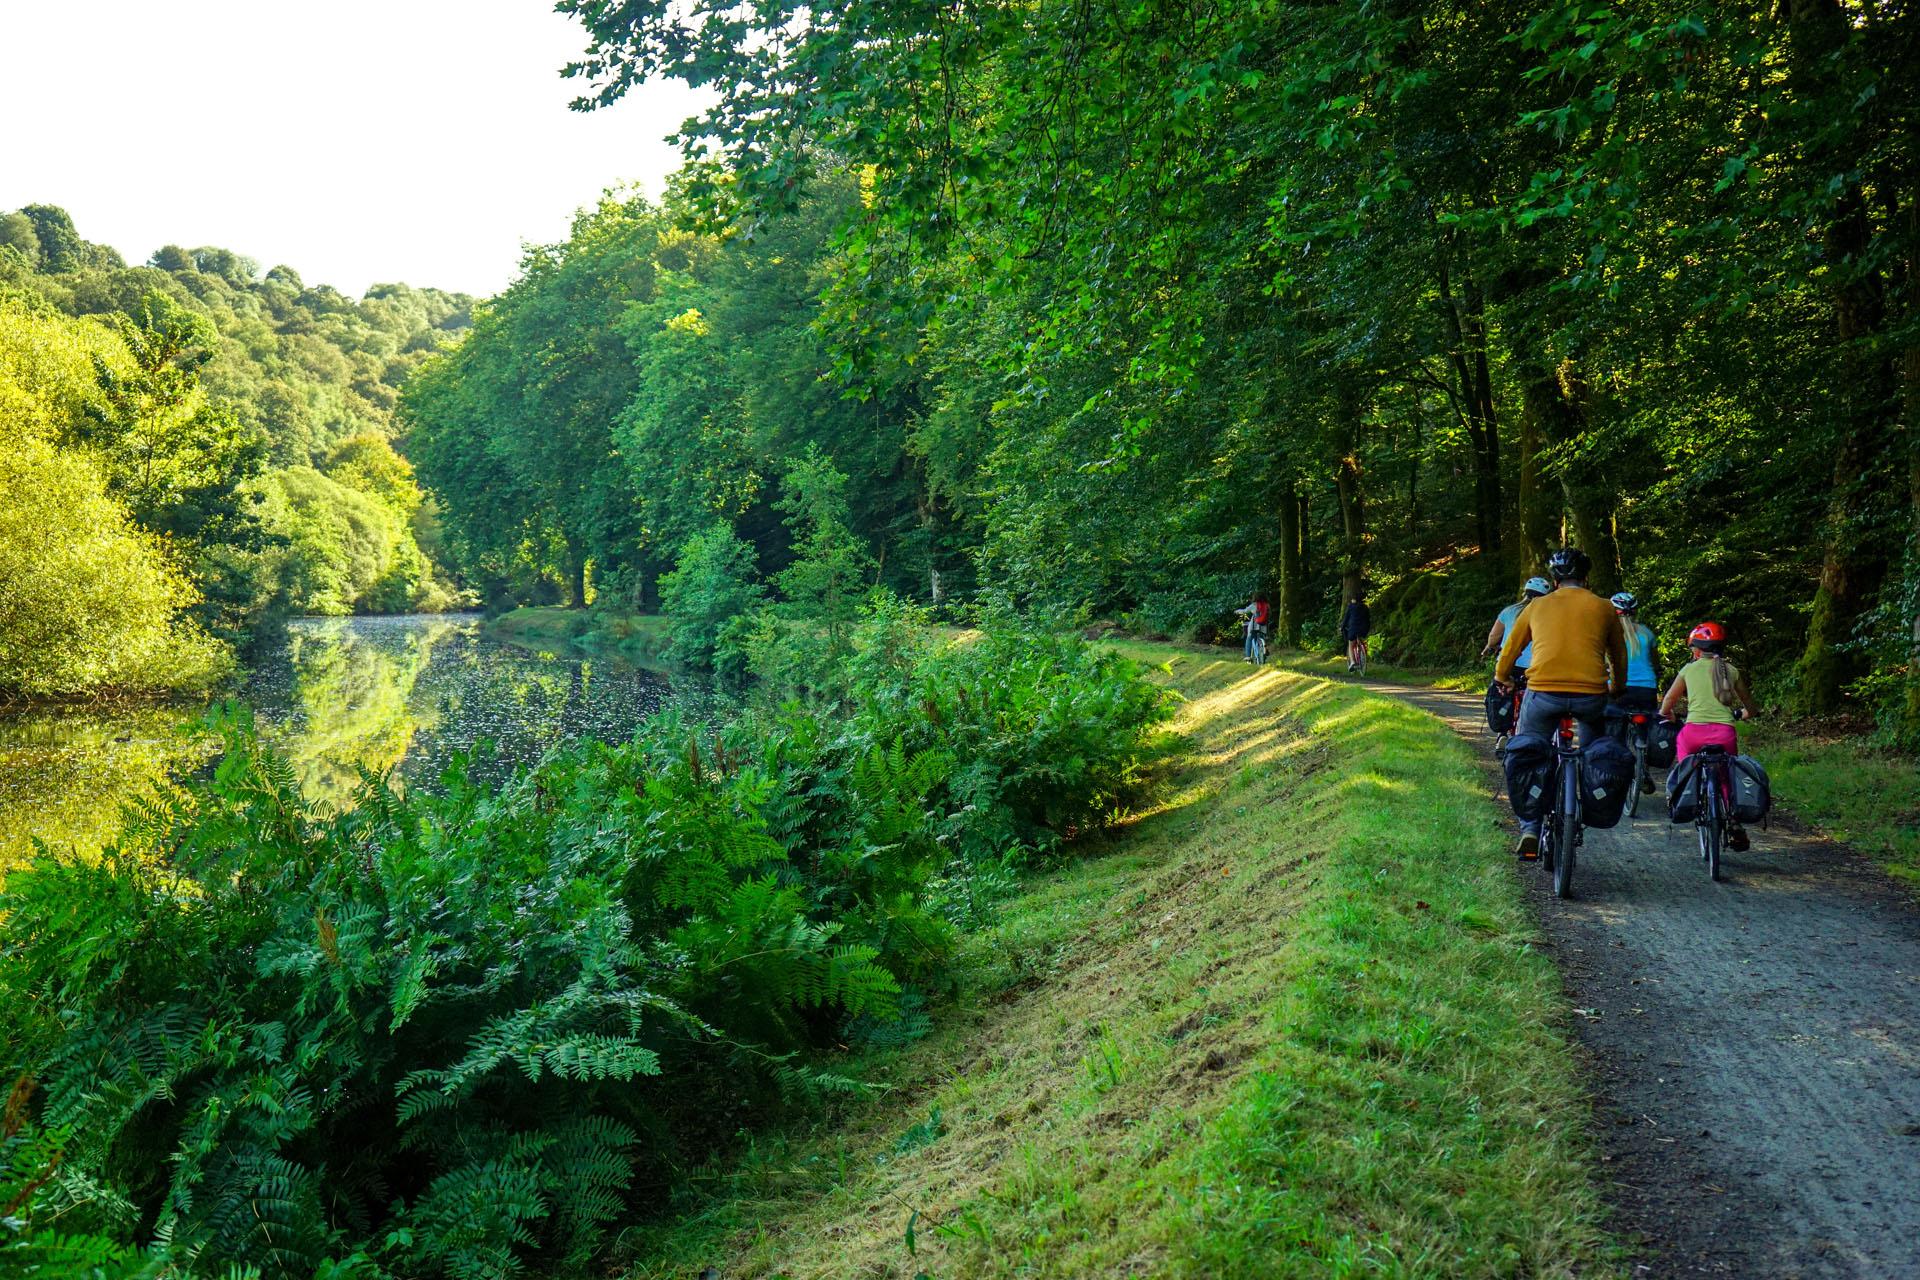 La Vélodyssée le long du canal de nantes à brest